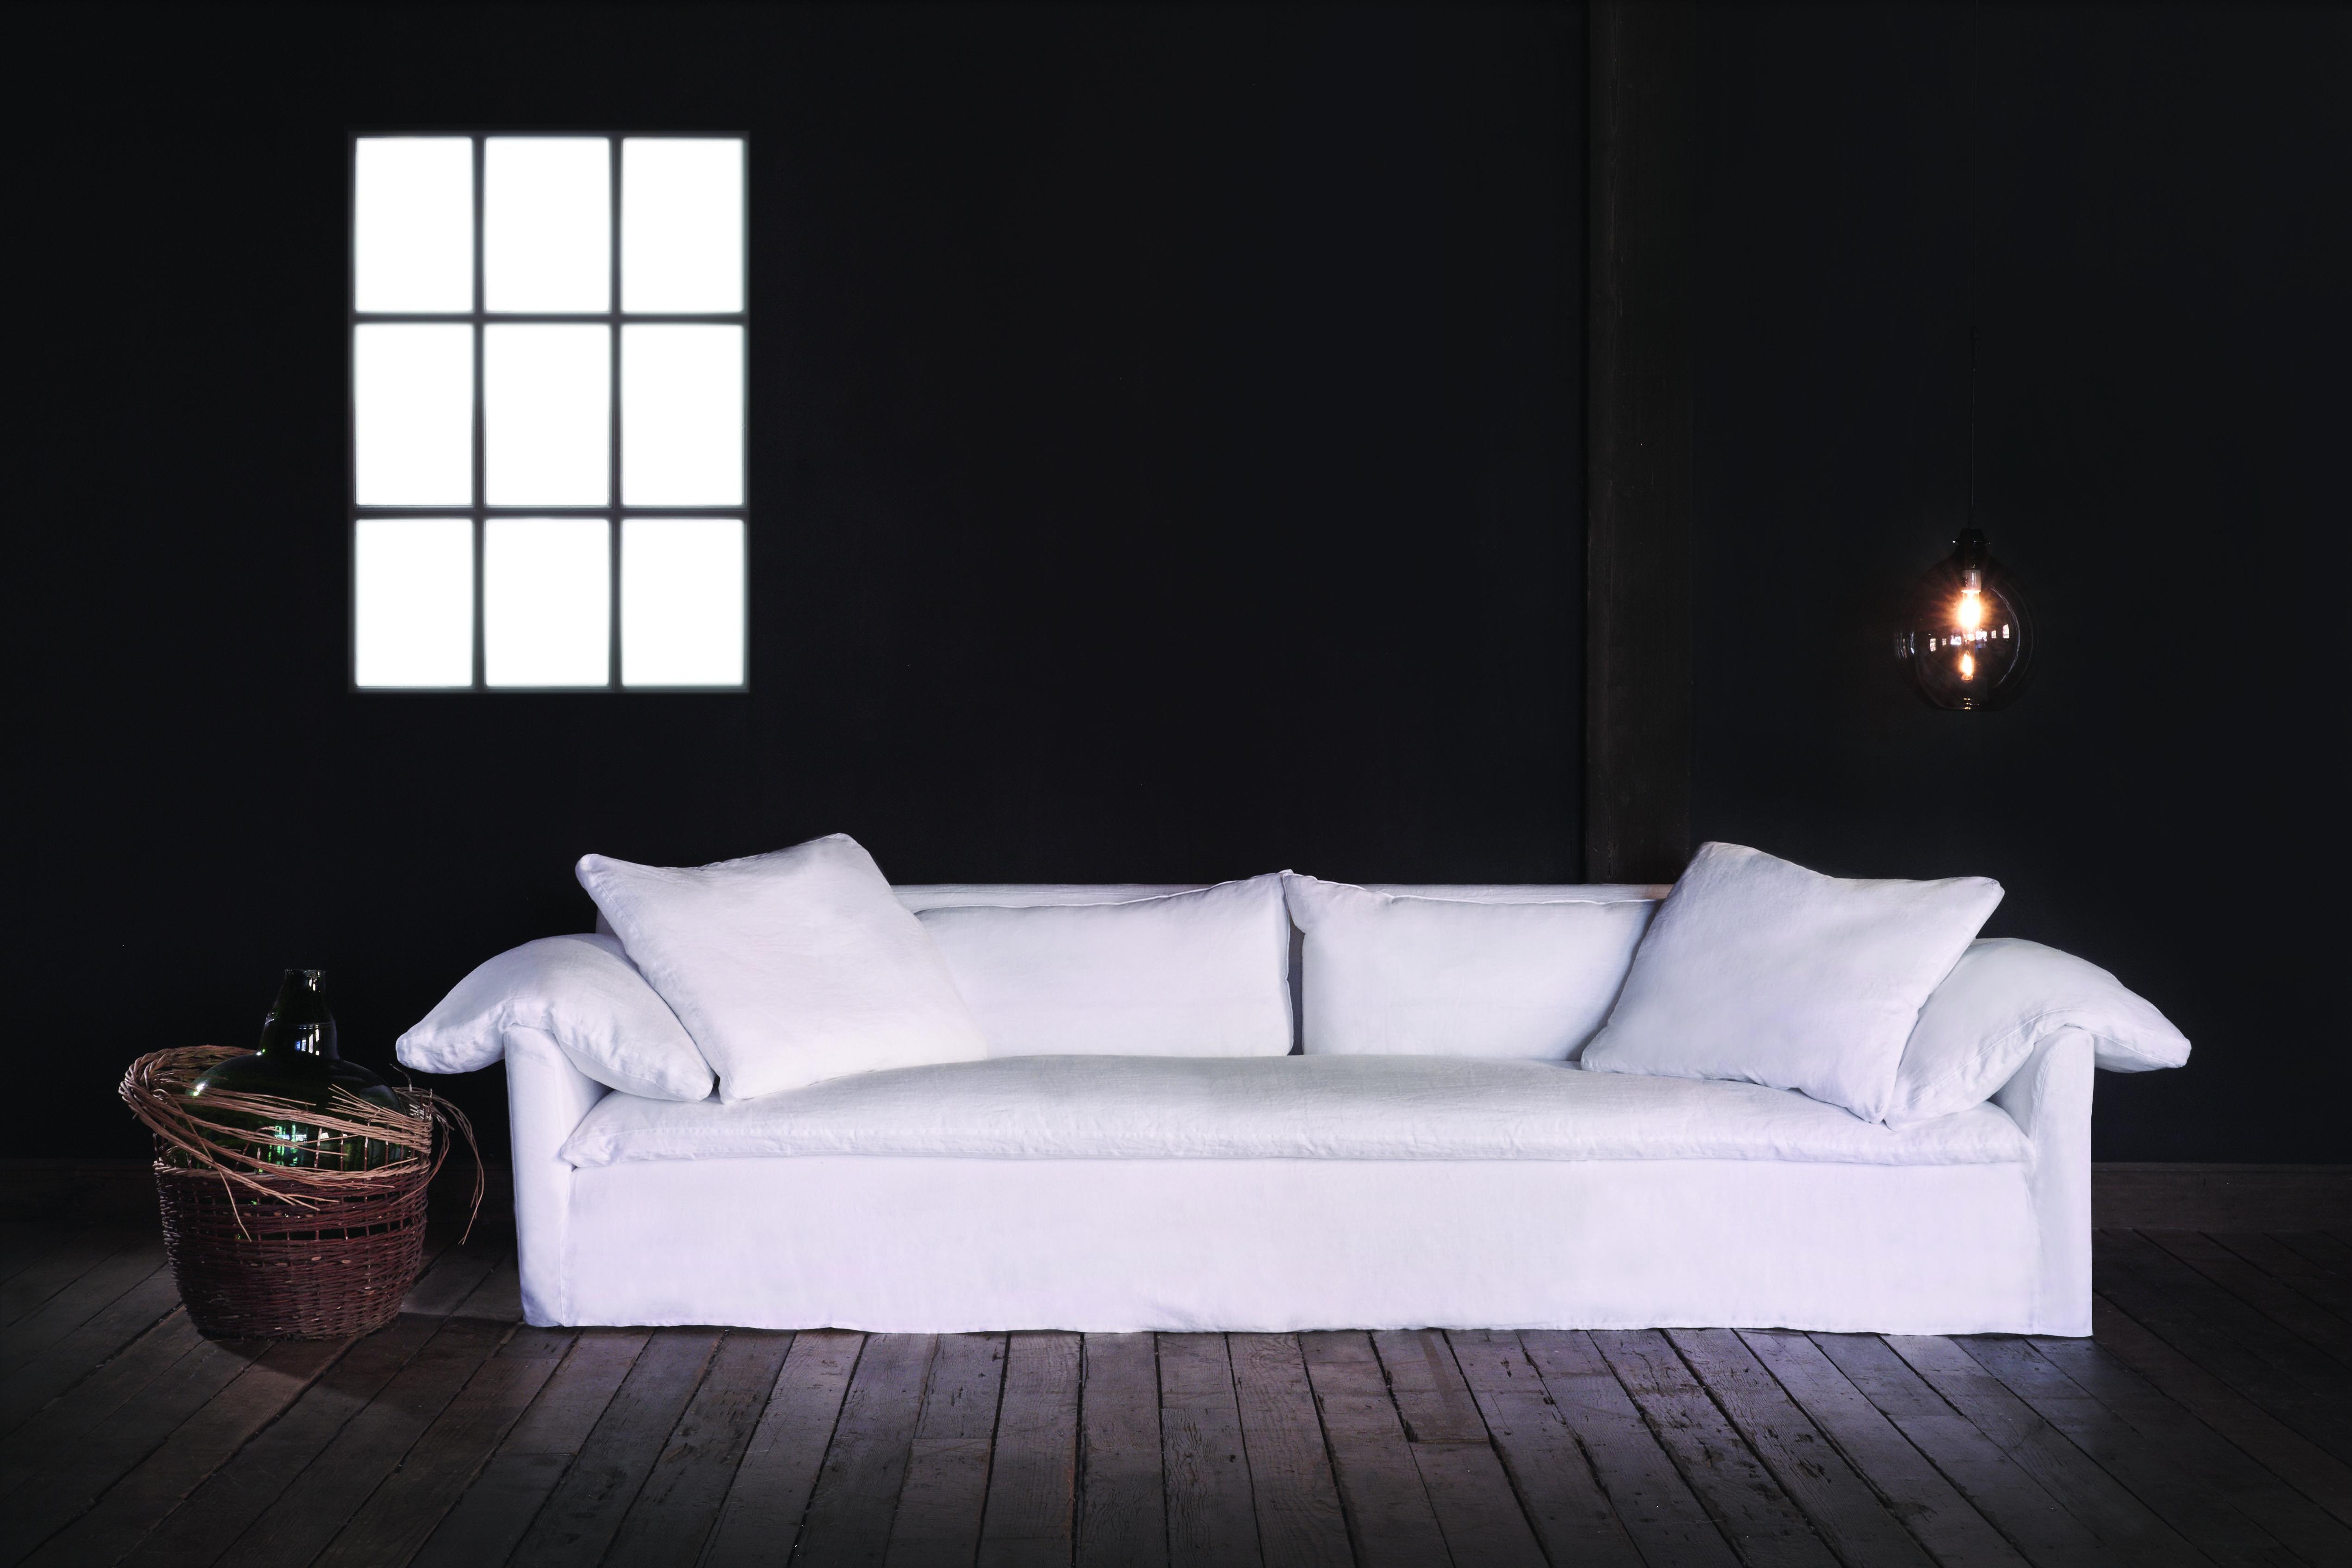 Donato Sofa By Cisco Home